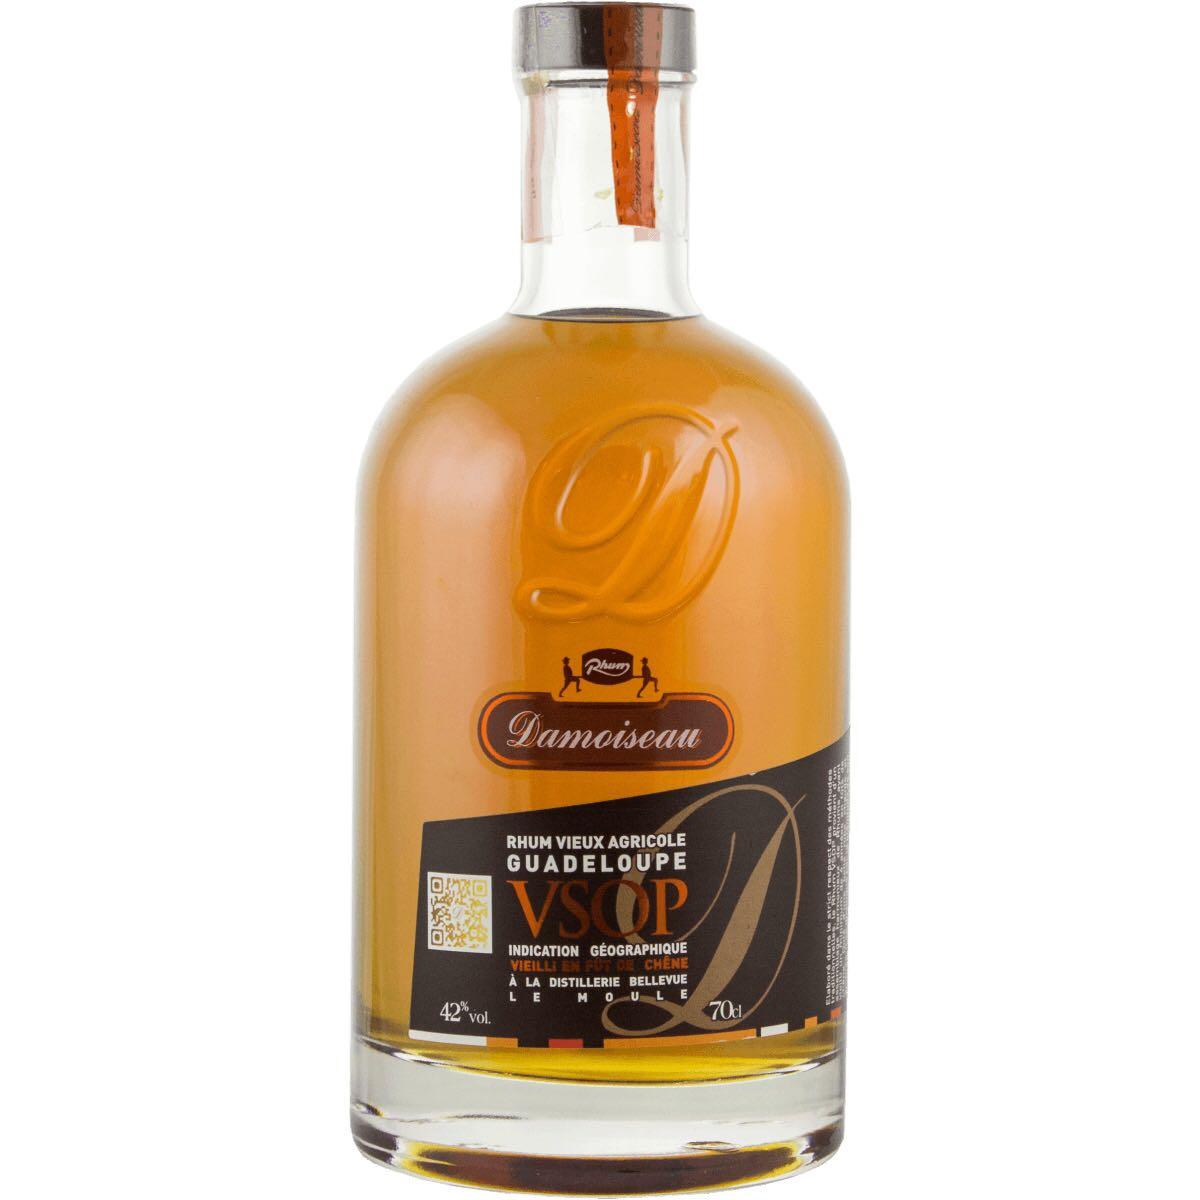 Bottle image of VSOP